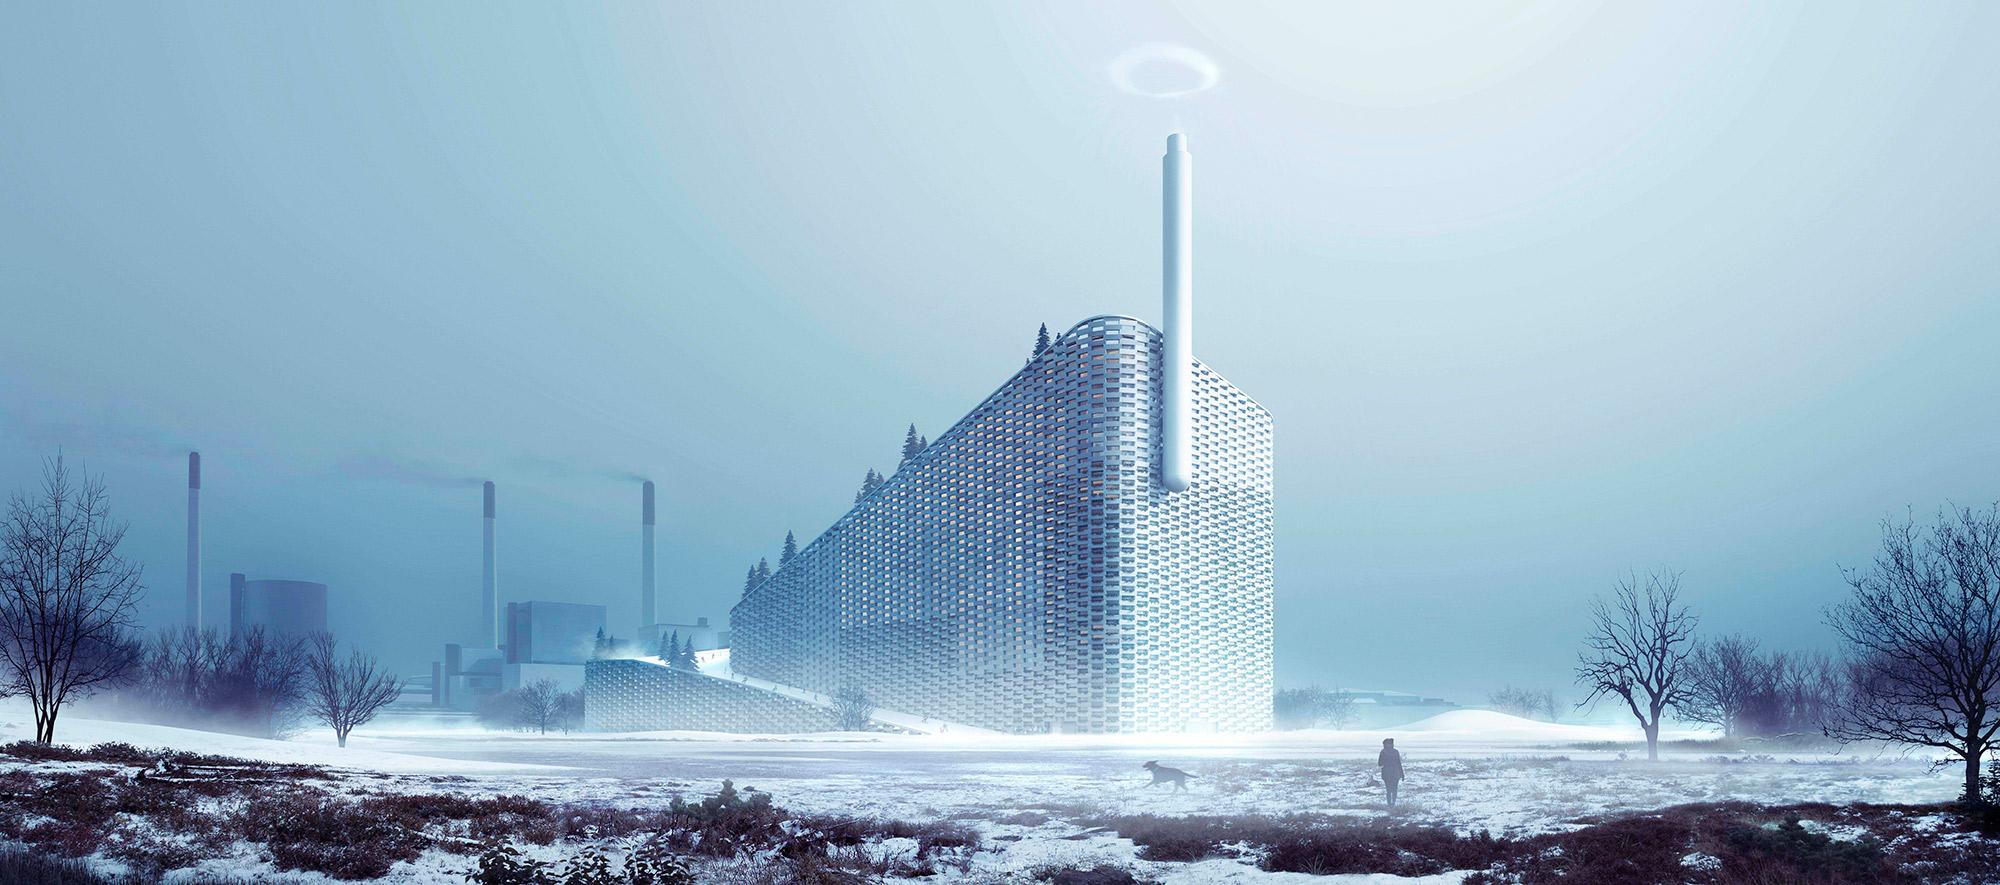 Render exterior nevando. Amager Bakke Planta de conversión de residuos en energía por BIG-Bjarke Ingels Group